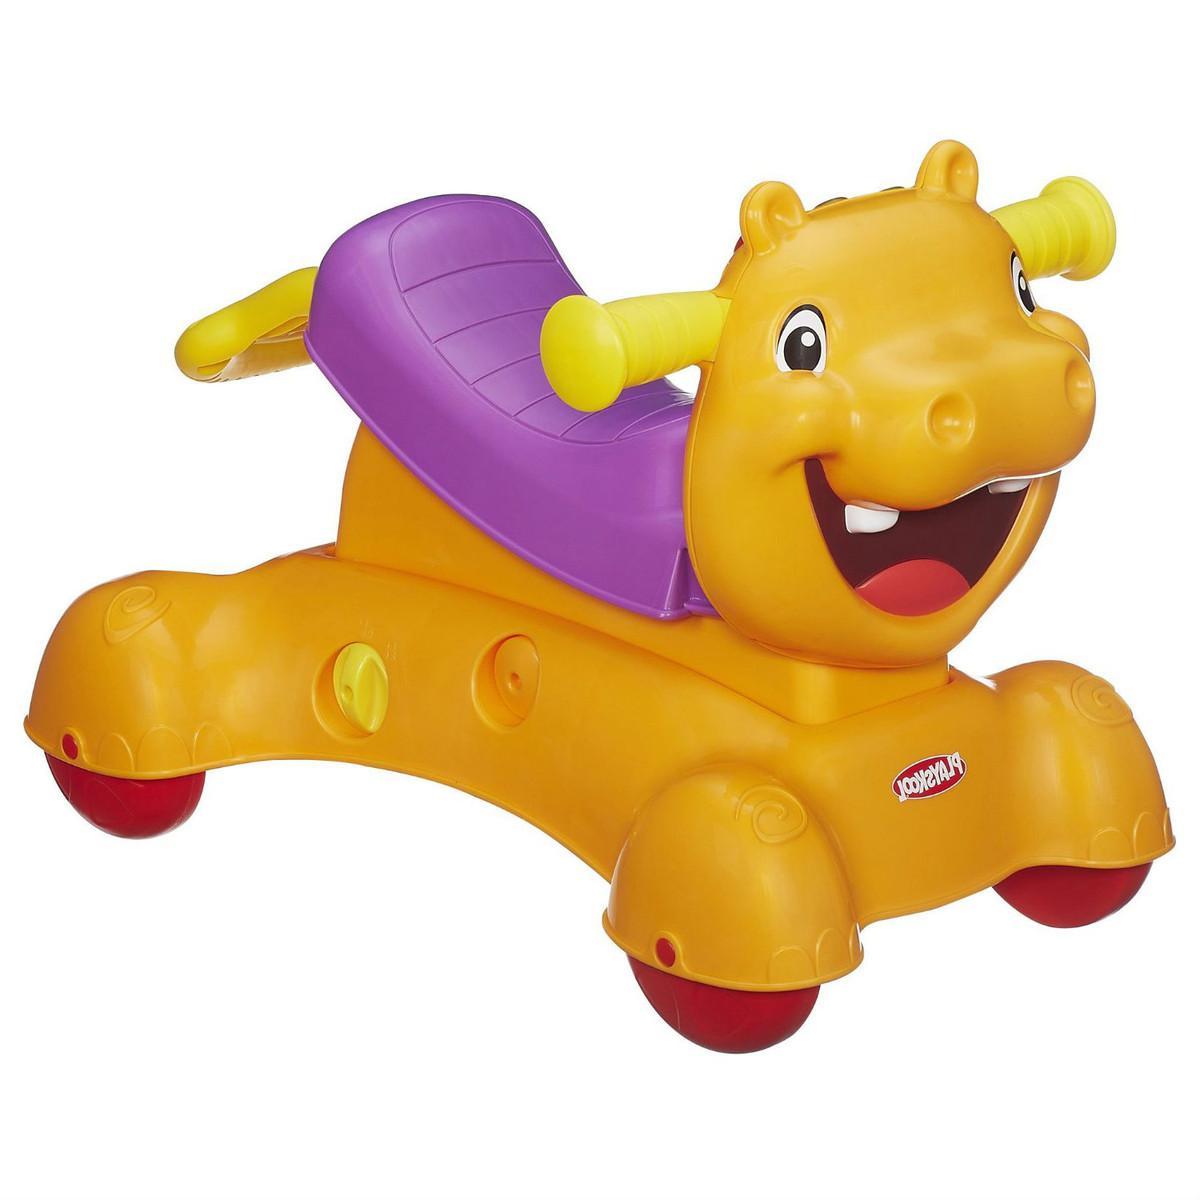 Trotteur Hippo bolide 3-en-1 Playskool